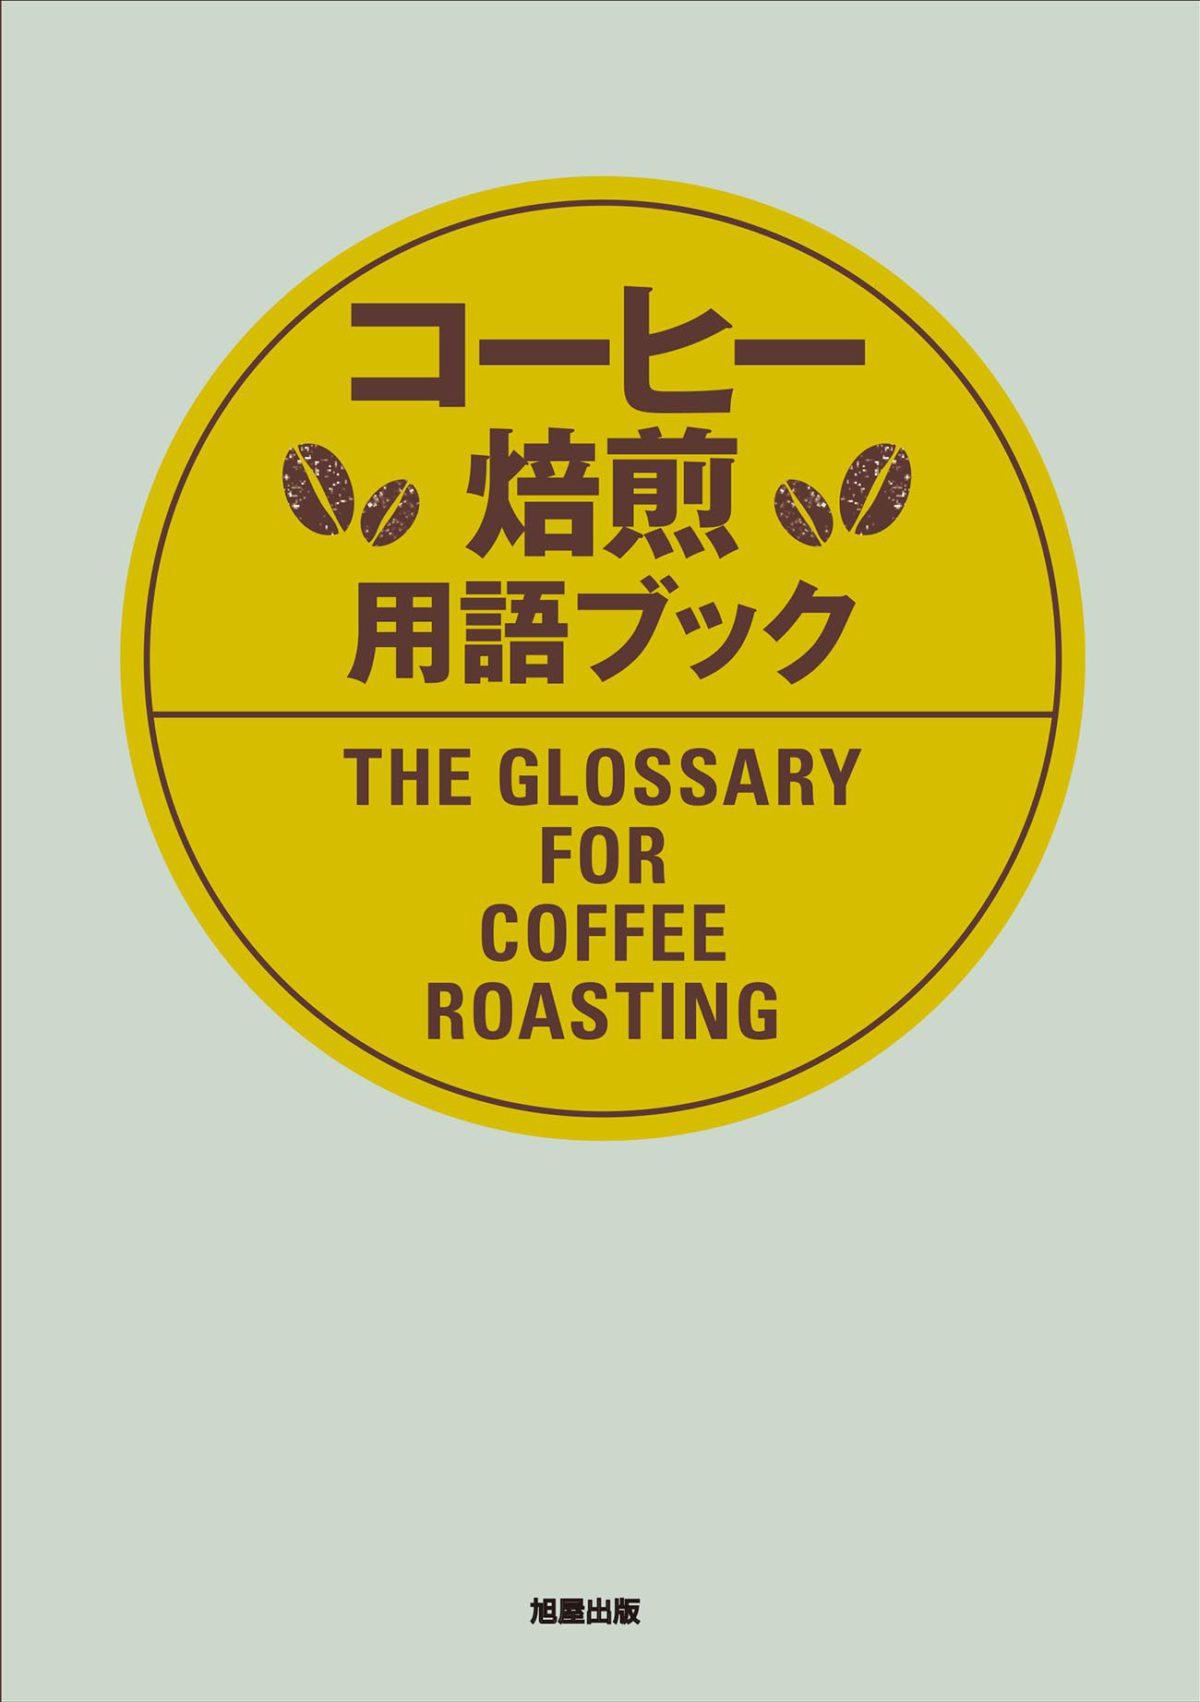 コーヒー焙煎用語ブック the glossary for coffee roasting 旭屋出版